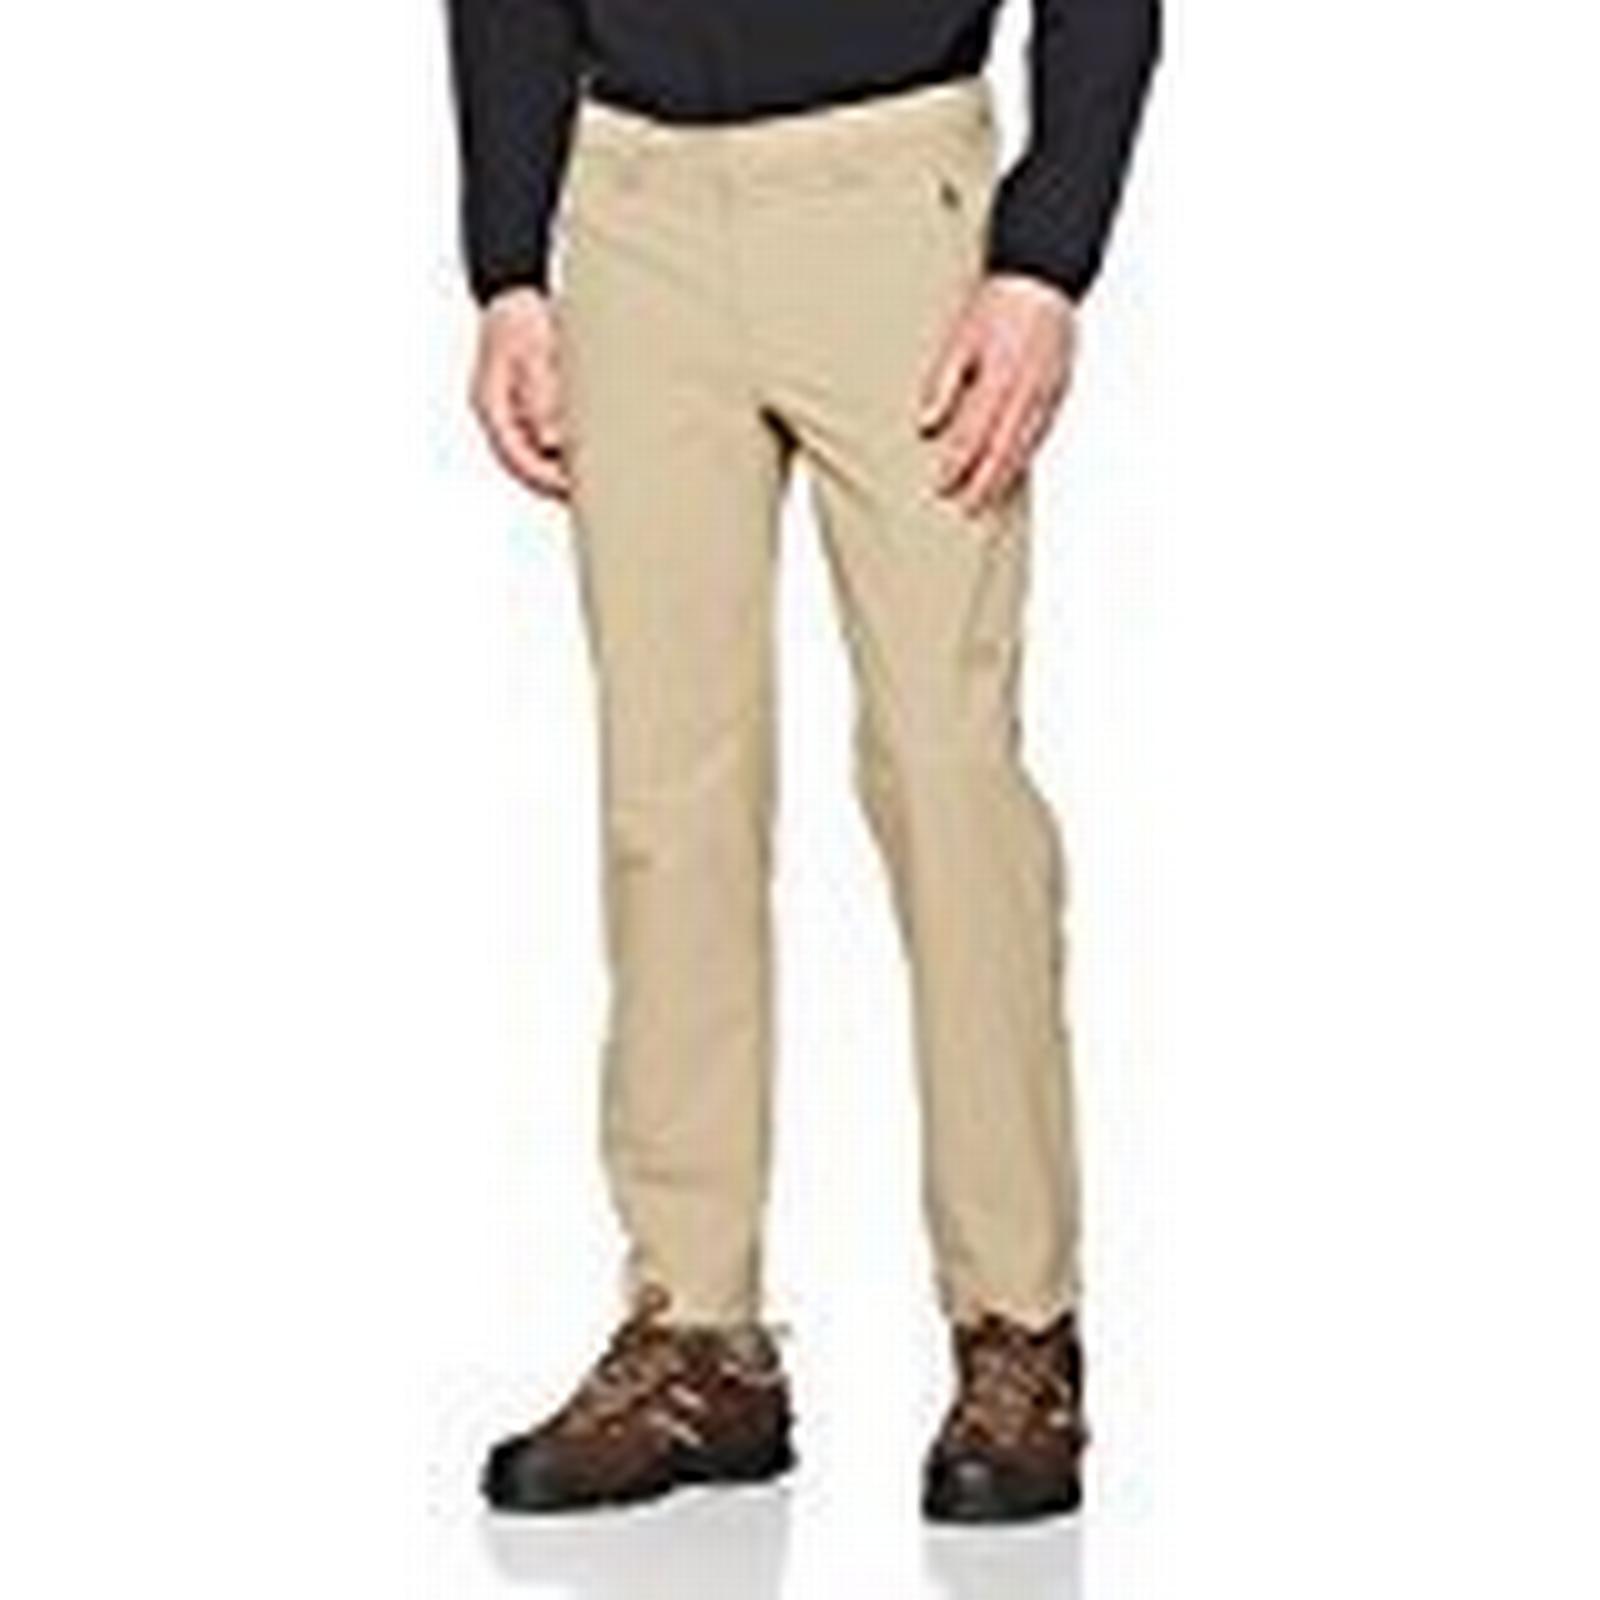 The North Face Men's Exploration Size Regular Trousers, Dune Beige, Size Exploration 30 2c230c